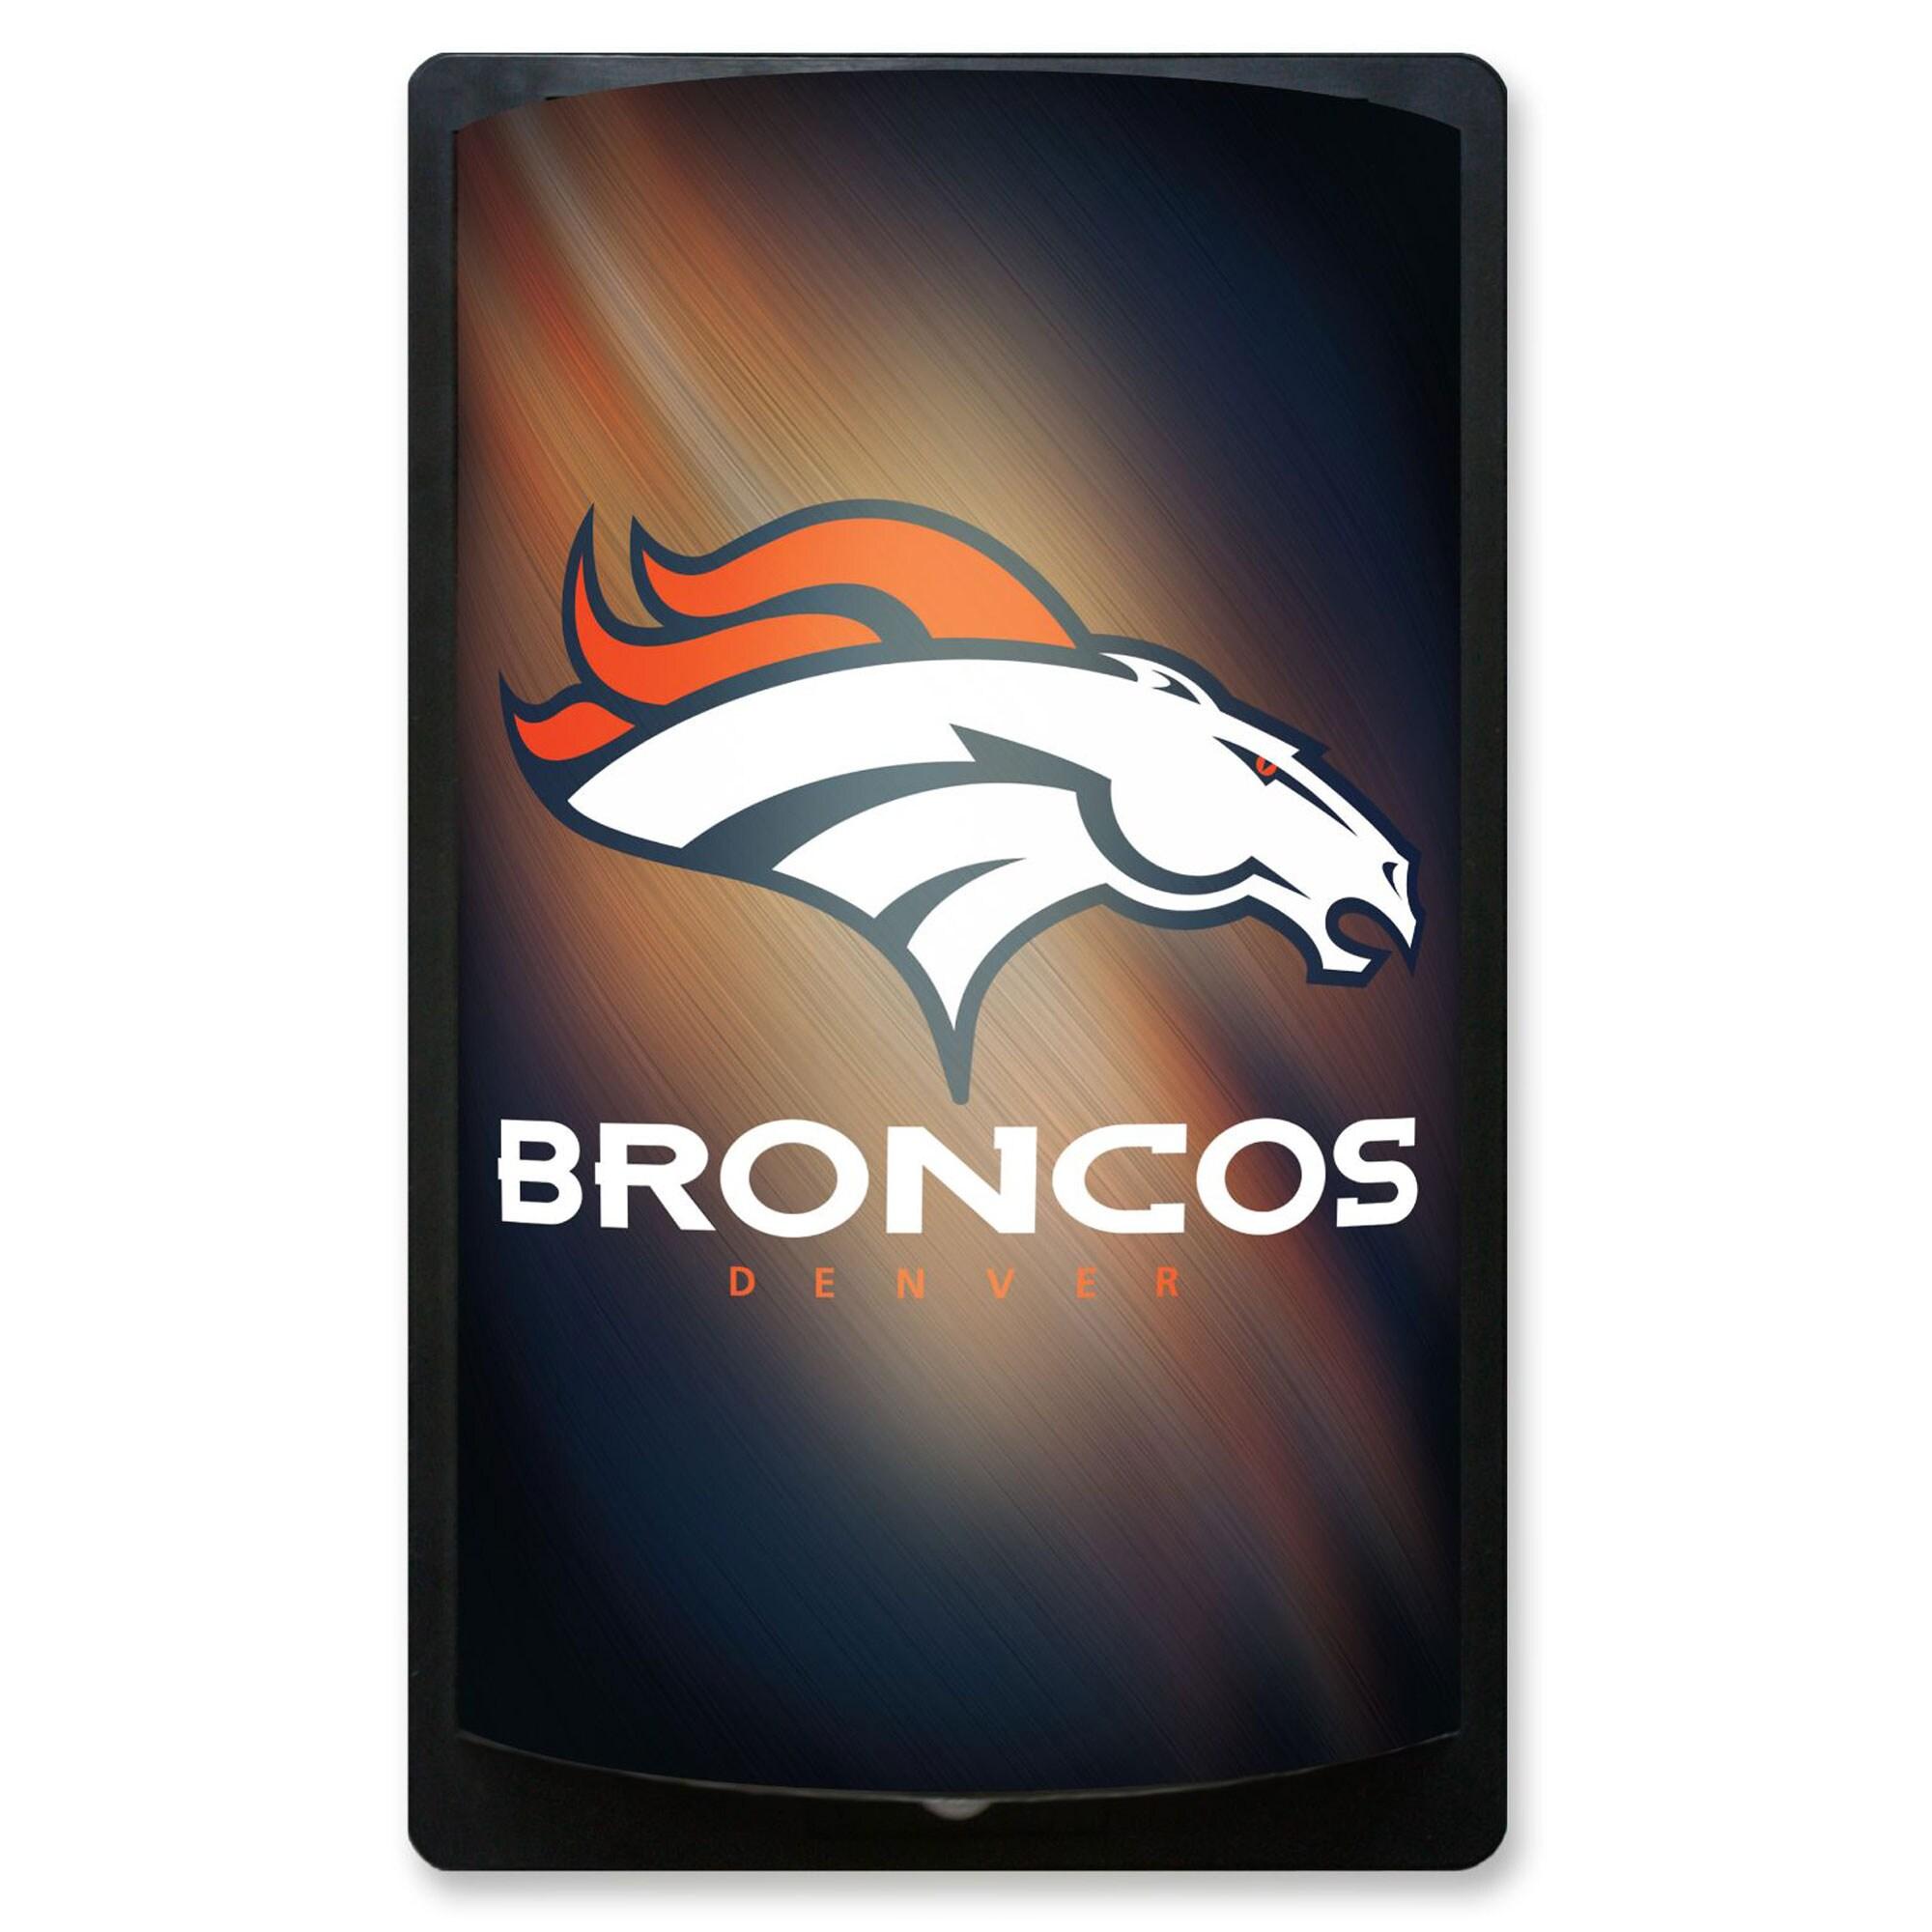 Denver Broncos 12.5'' x 7.5'' MotiGlow Sign